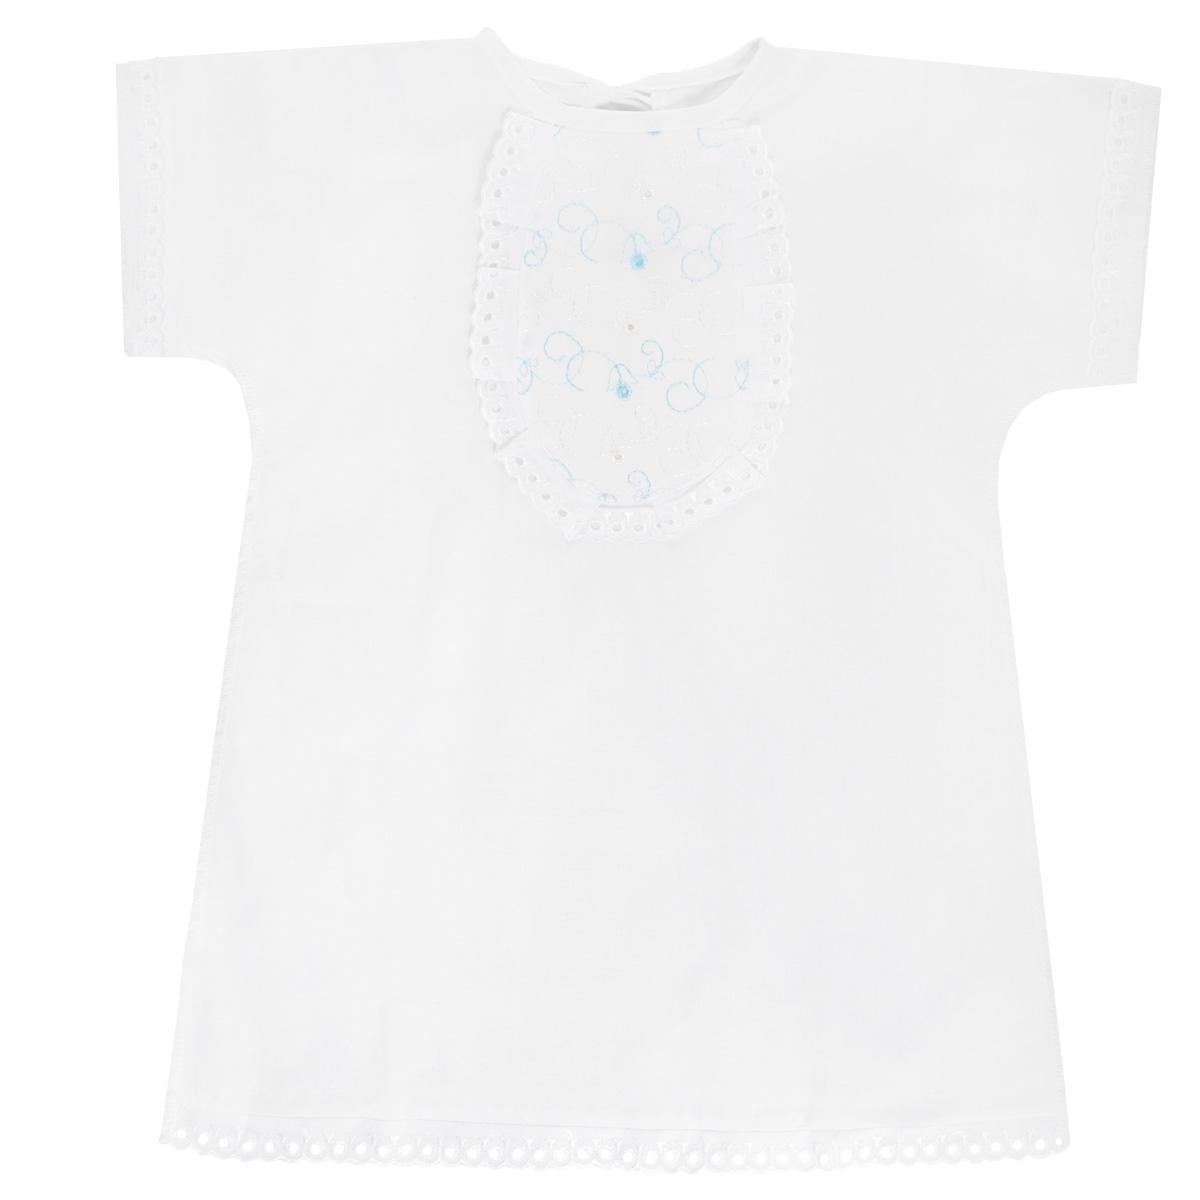 Фото Крестильная рубашка детская Трон-плюс, цвет: белый, голубой. 1135. Размер 68, 6 месяцев. Купить  в РФ